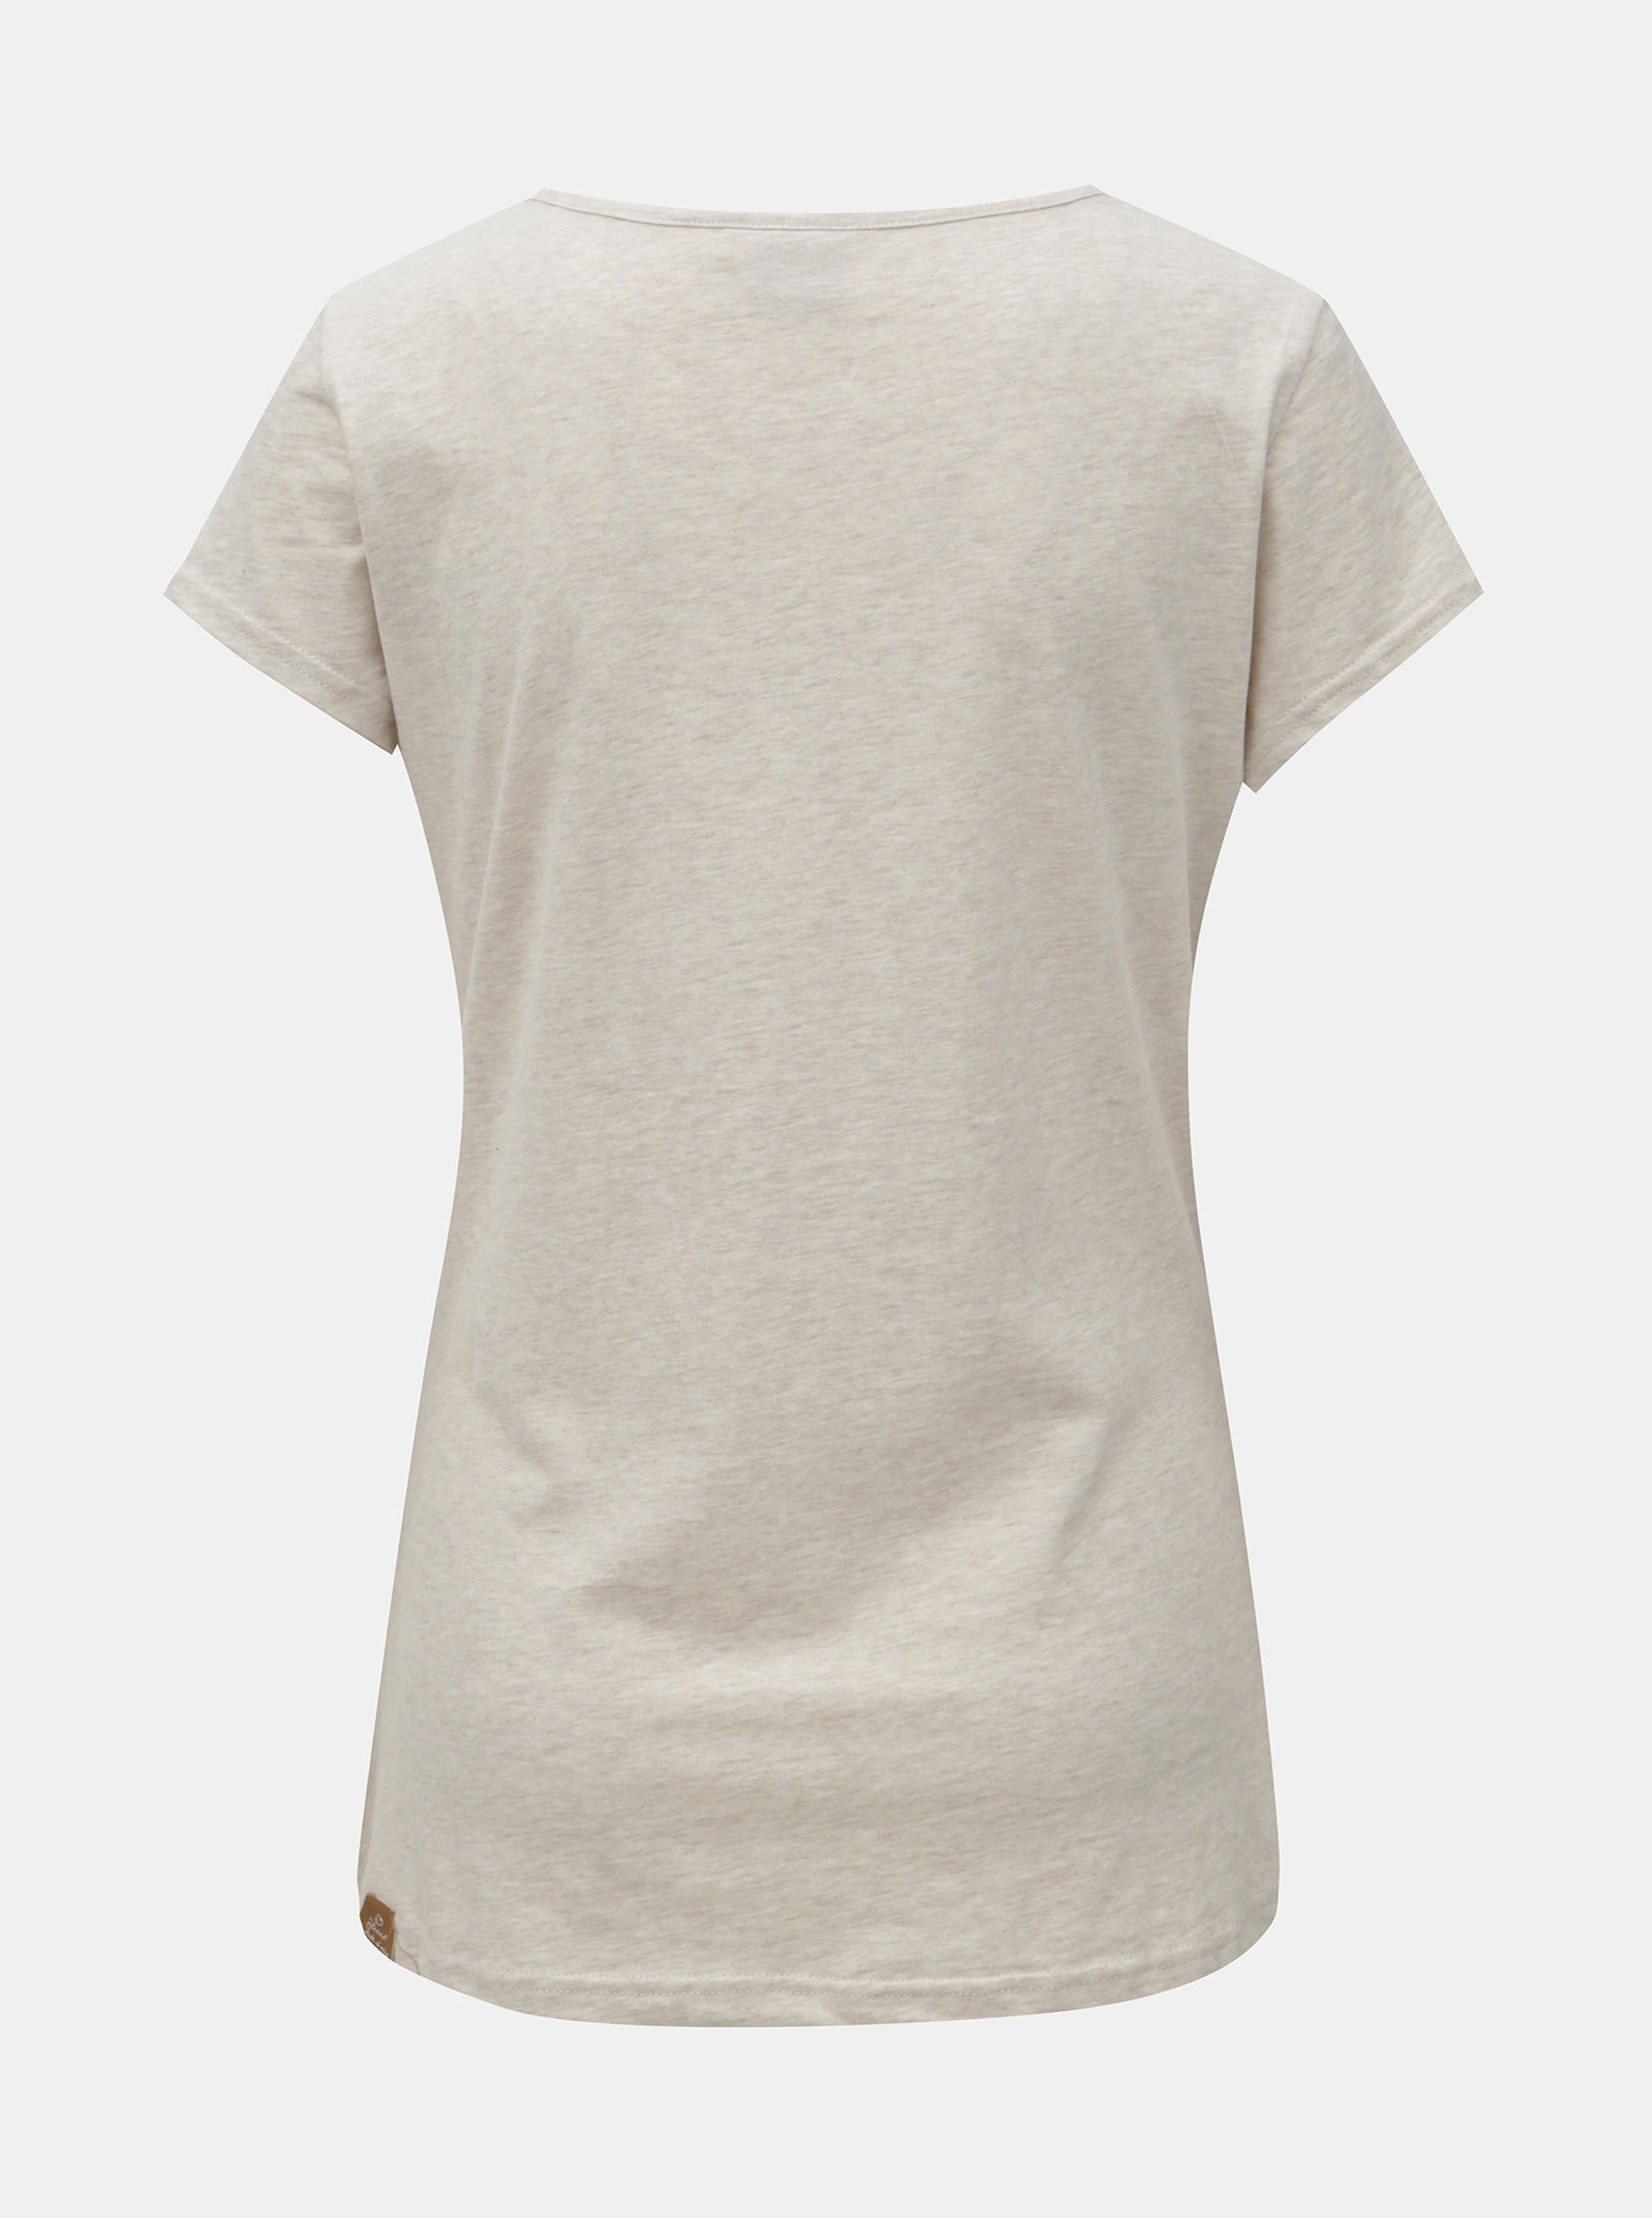 Šedé dámské žíhané tričko s potiskem Ragwear ... 567708a13b